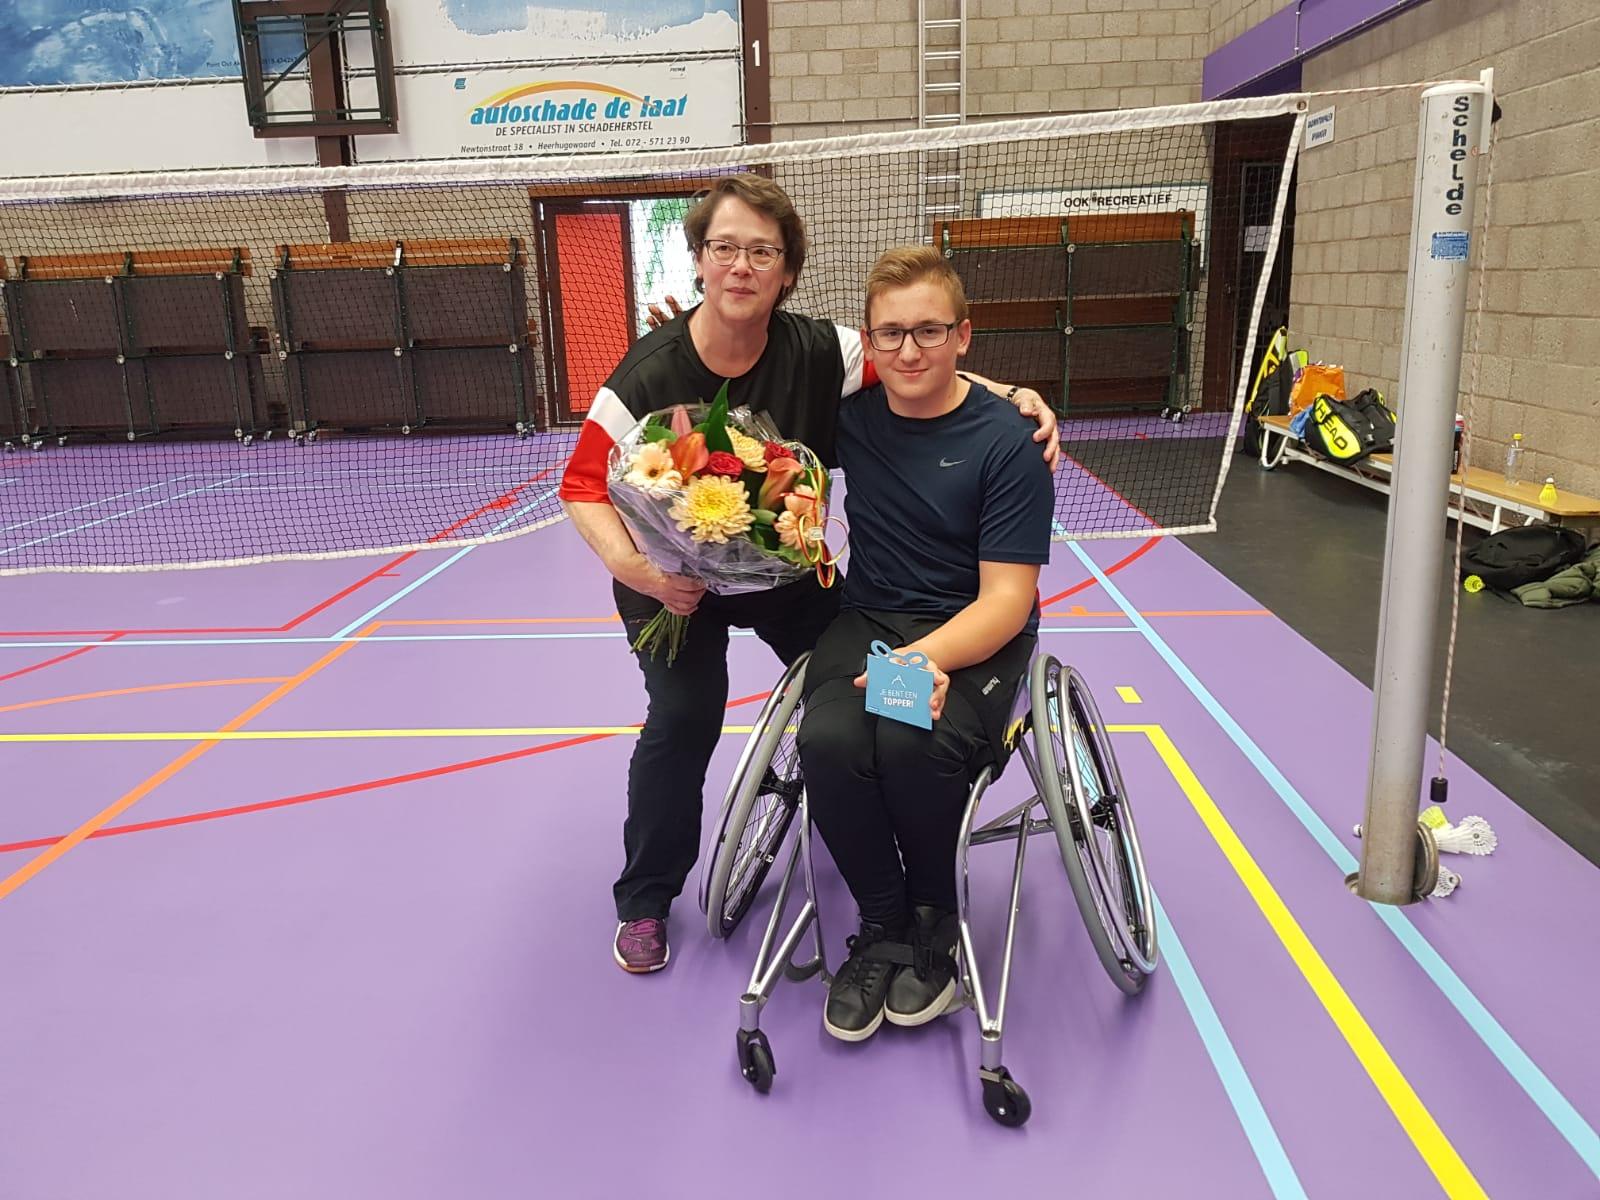 Jonny en zijn trainer Mariëtte Burgering. (aangeleverde foto)